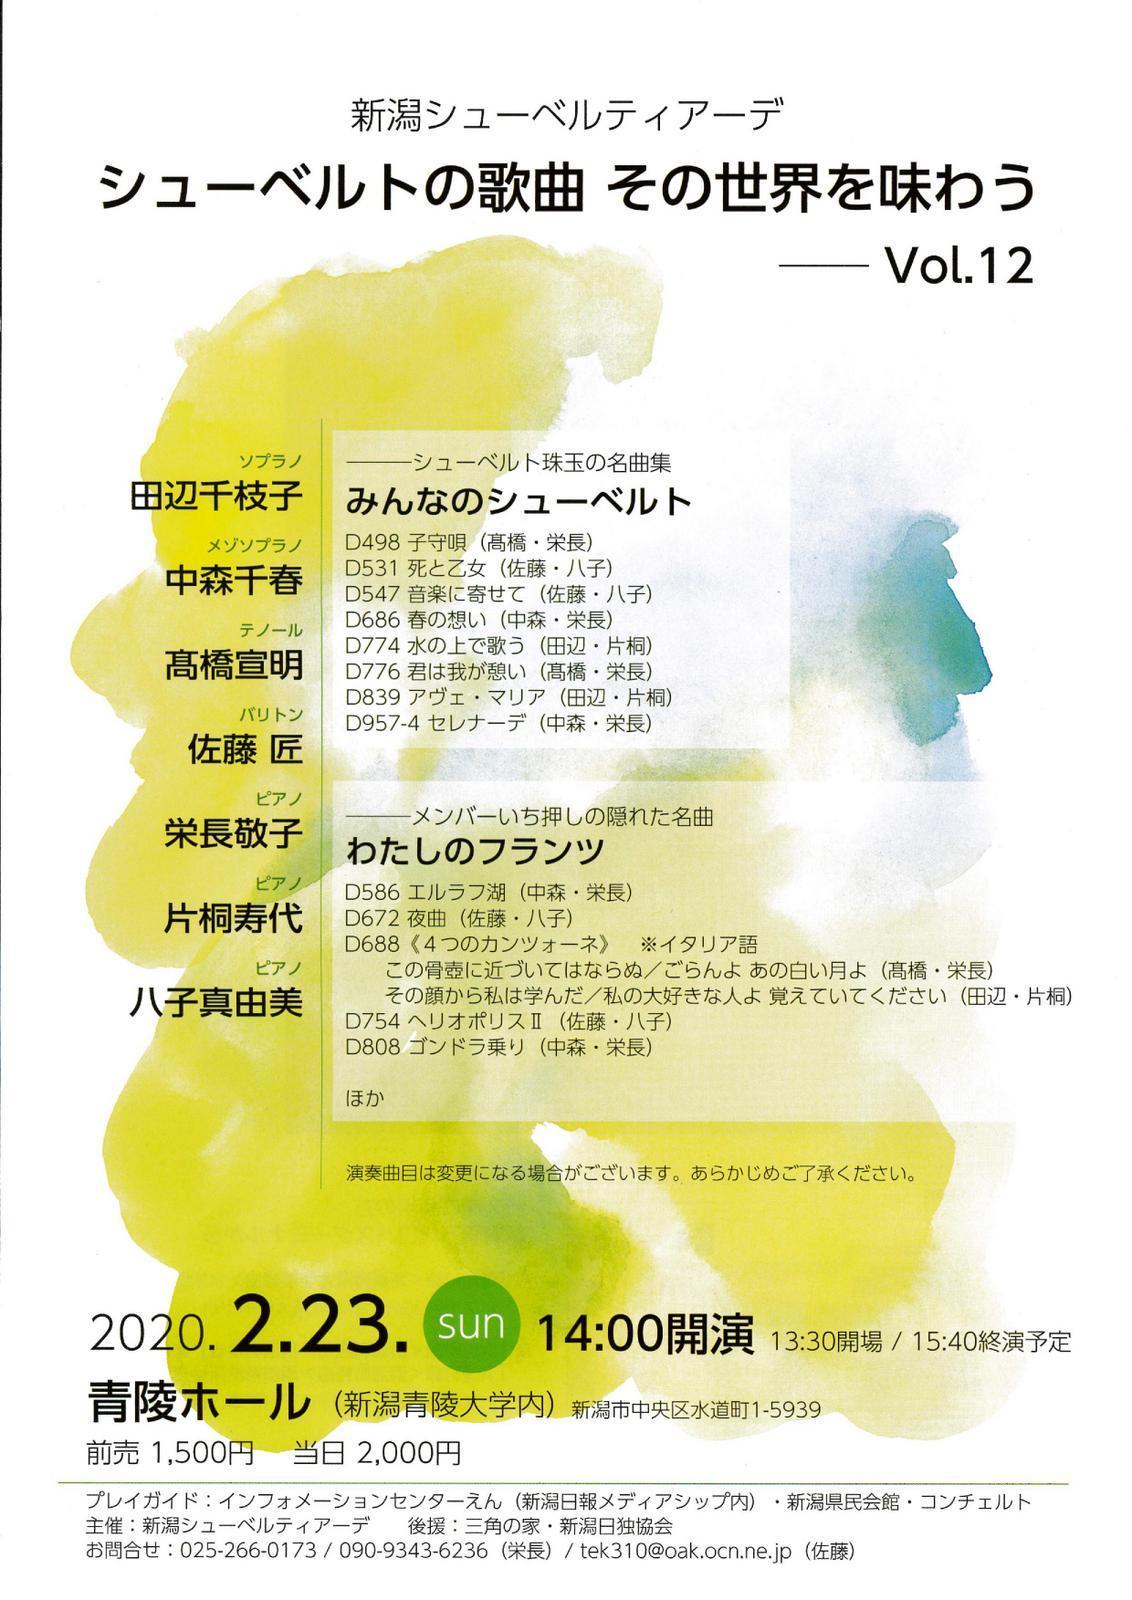 深町めいしゅうさん作品展、明日がラストです!_e0046190_18221207.jpg